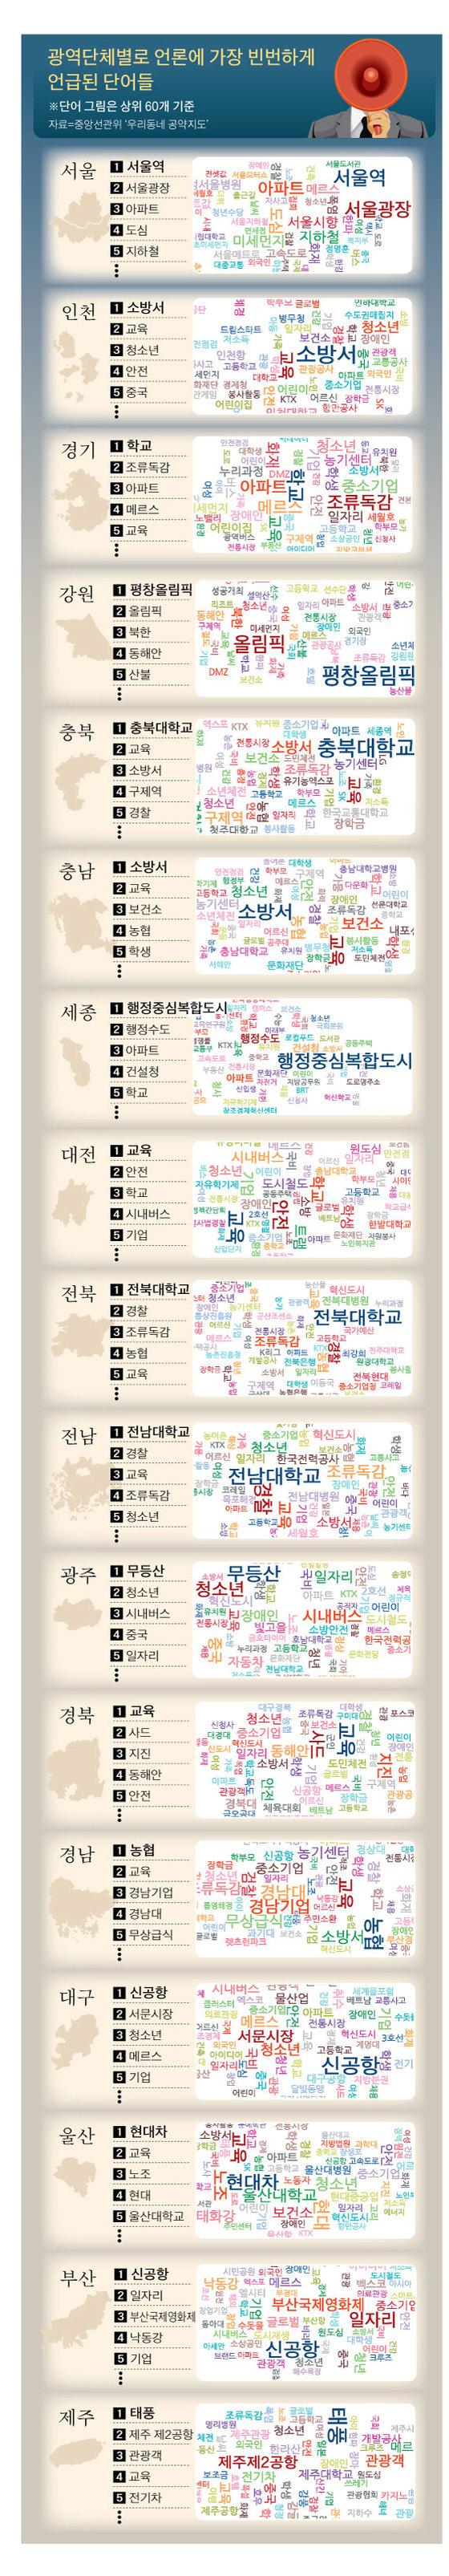 부산 일자리, 울산 현대차 … '공약지도' 보고 제대로 뽑자